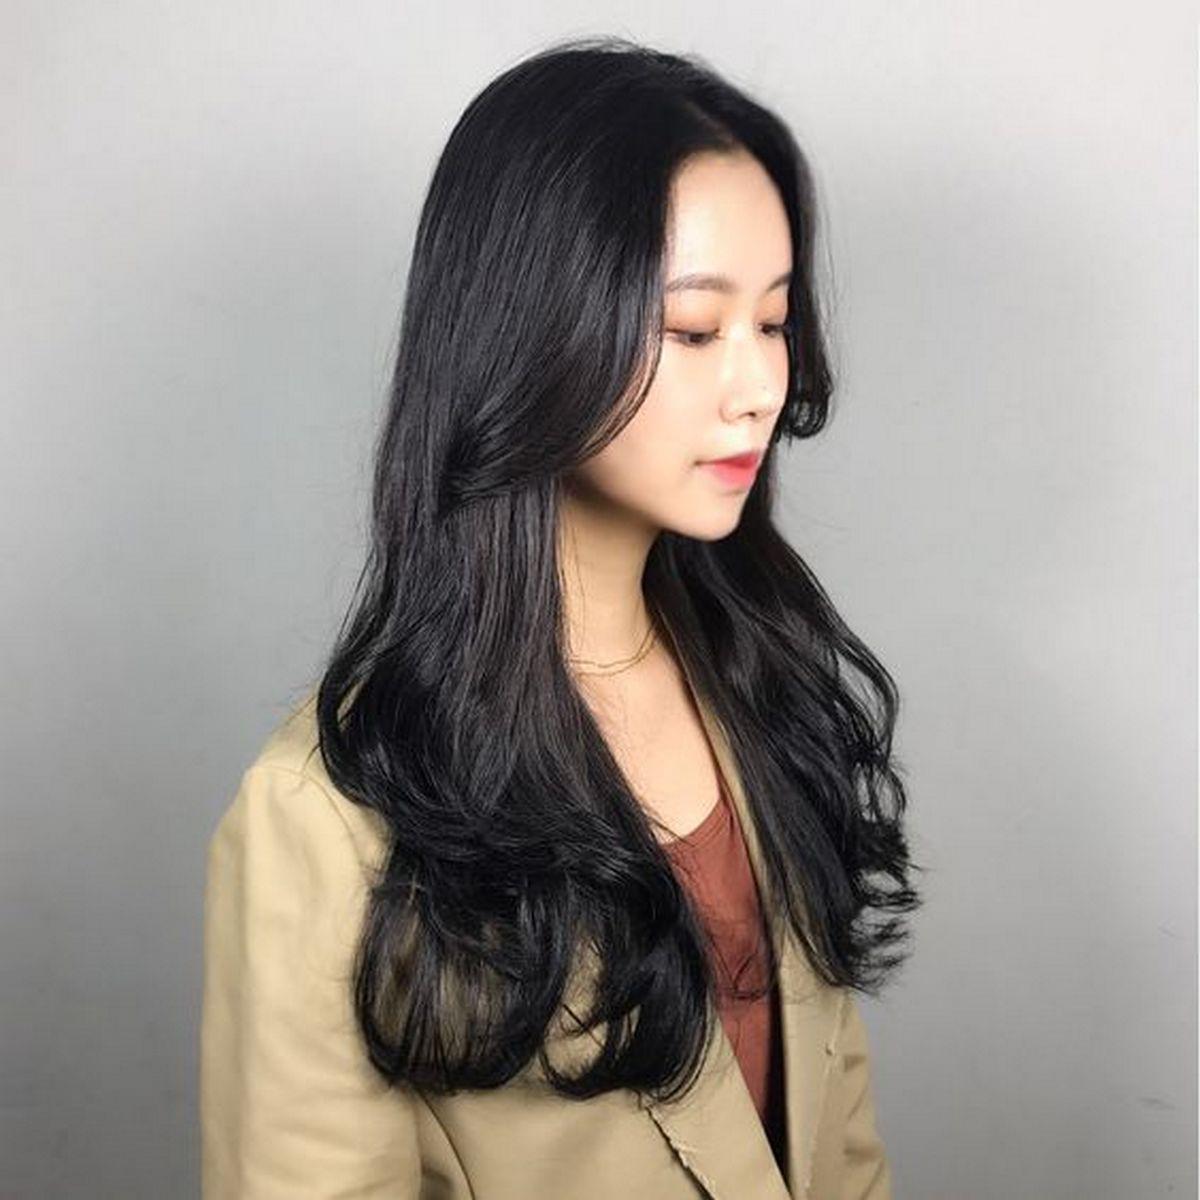 Kiểu tóc xoăn uốn gợn sóng bồng bềnh đẹp nhất